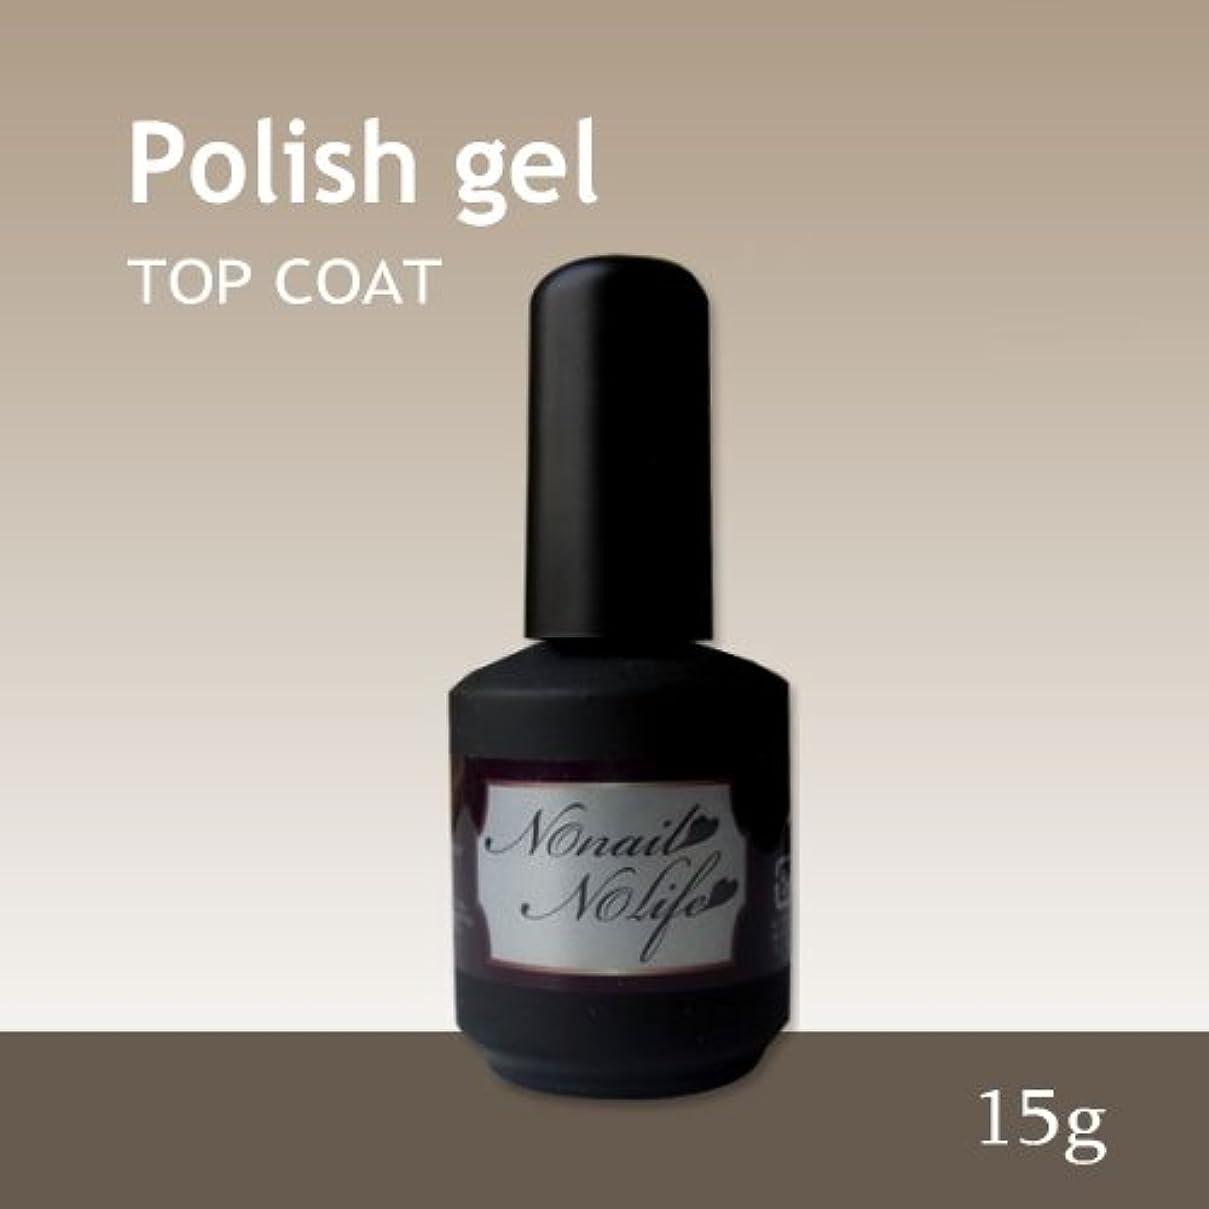 確認ブレス学校教育ジェルネイル《爪に優しいトップコートジェル》Natural Polish ポリッシュトップジェル(15g)